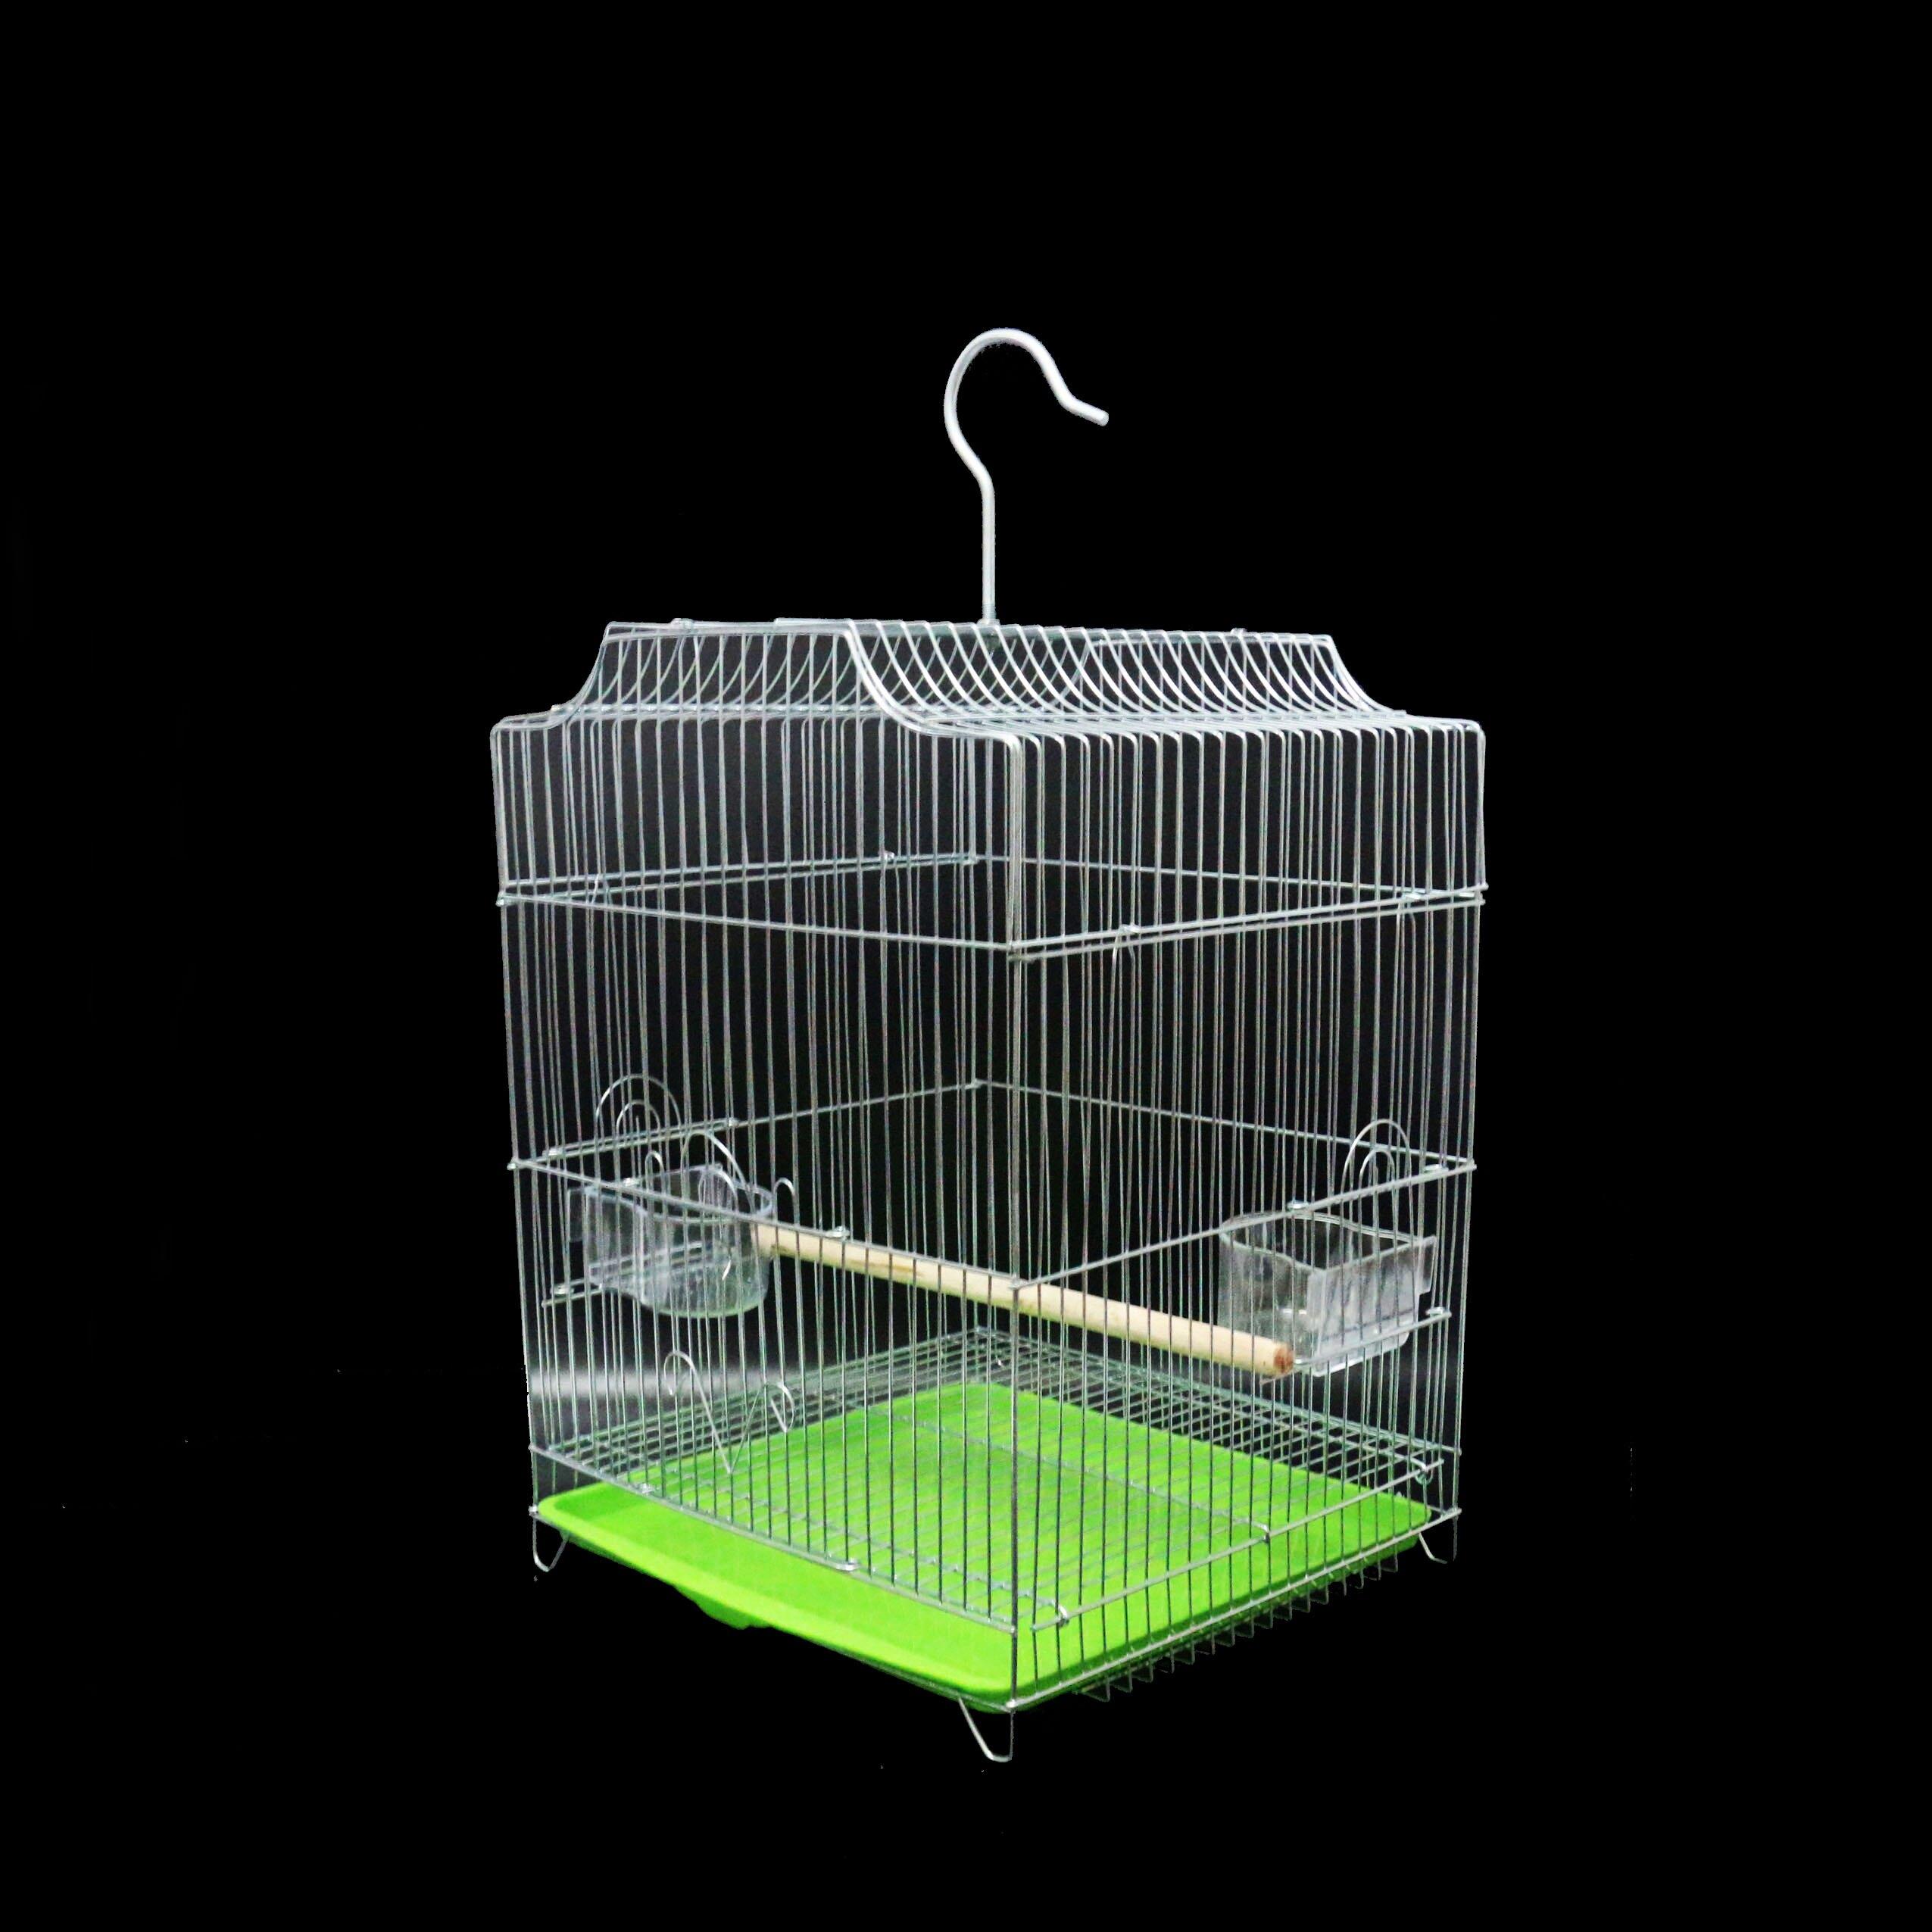 鴿子籠 虎皮鸚鵡鳥籠大號不銹鋼電鍍籠子八哥玄鳳牡丹鸚鵡籠鴿子籠『XY2218』